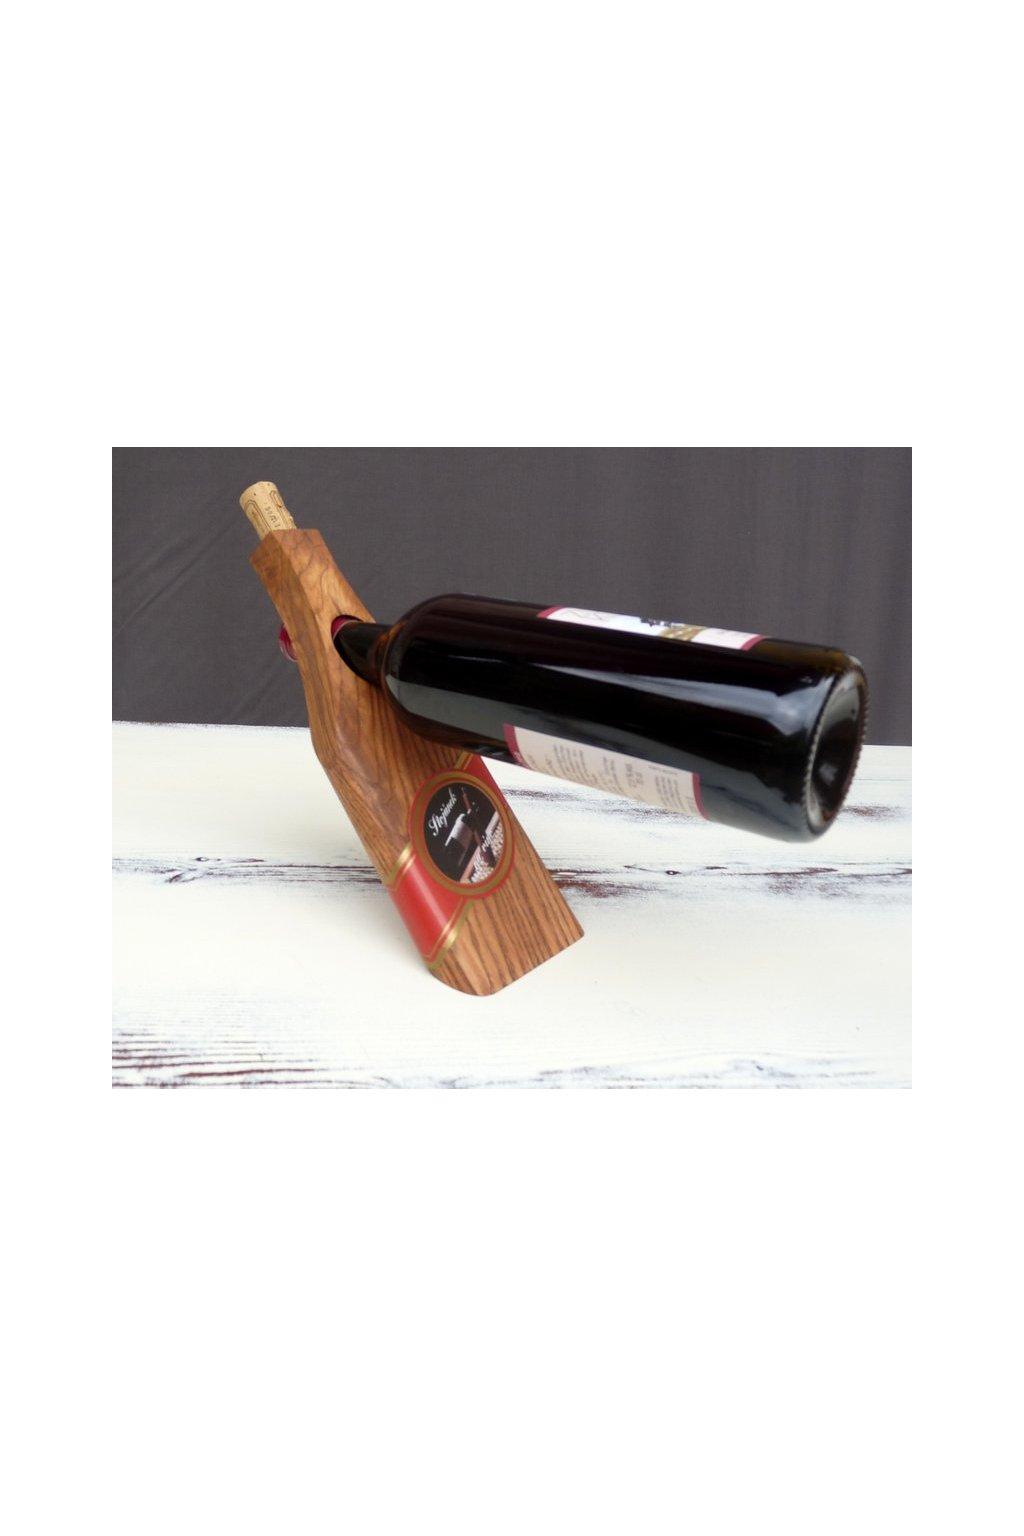 dárek pro vinaře. obchod s vínem.